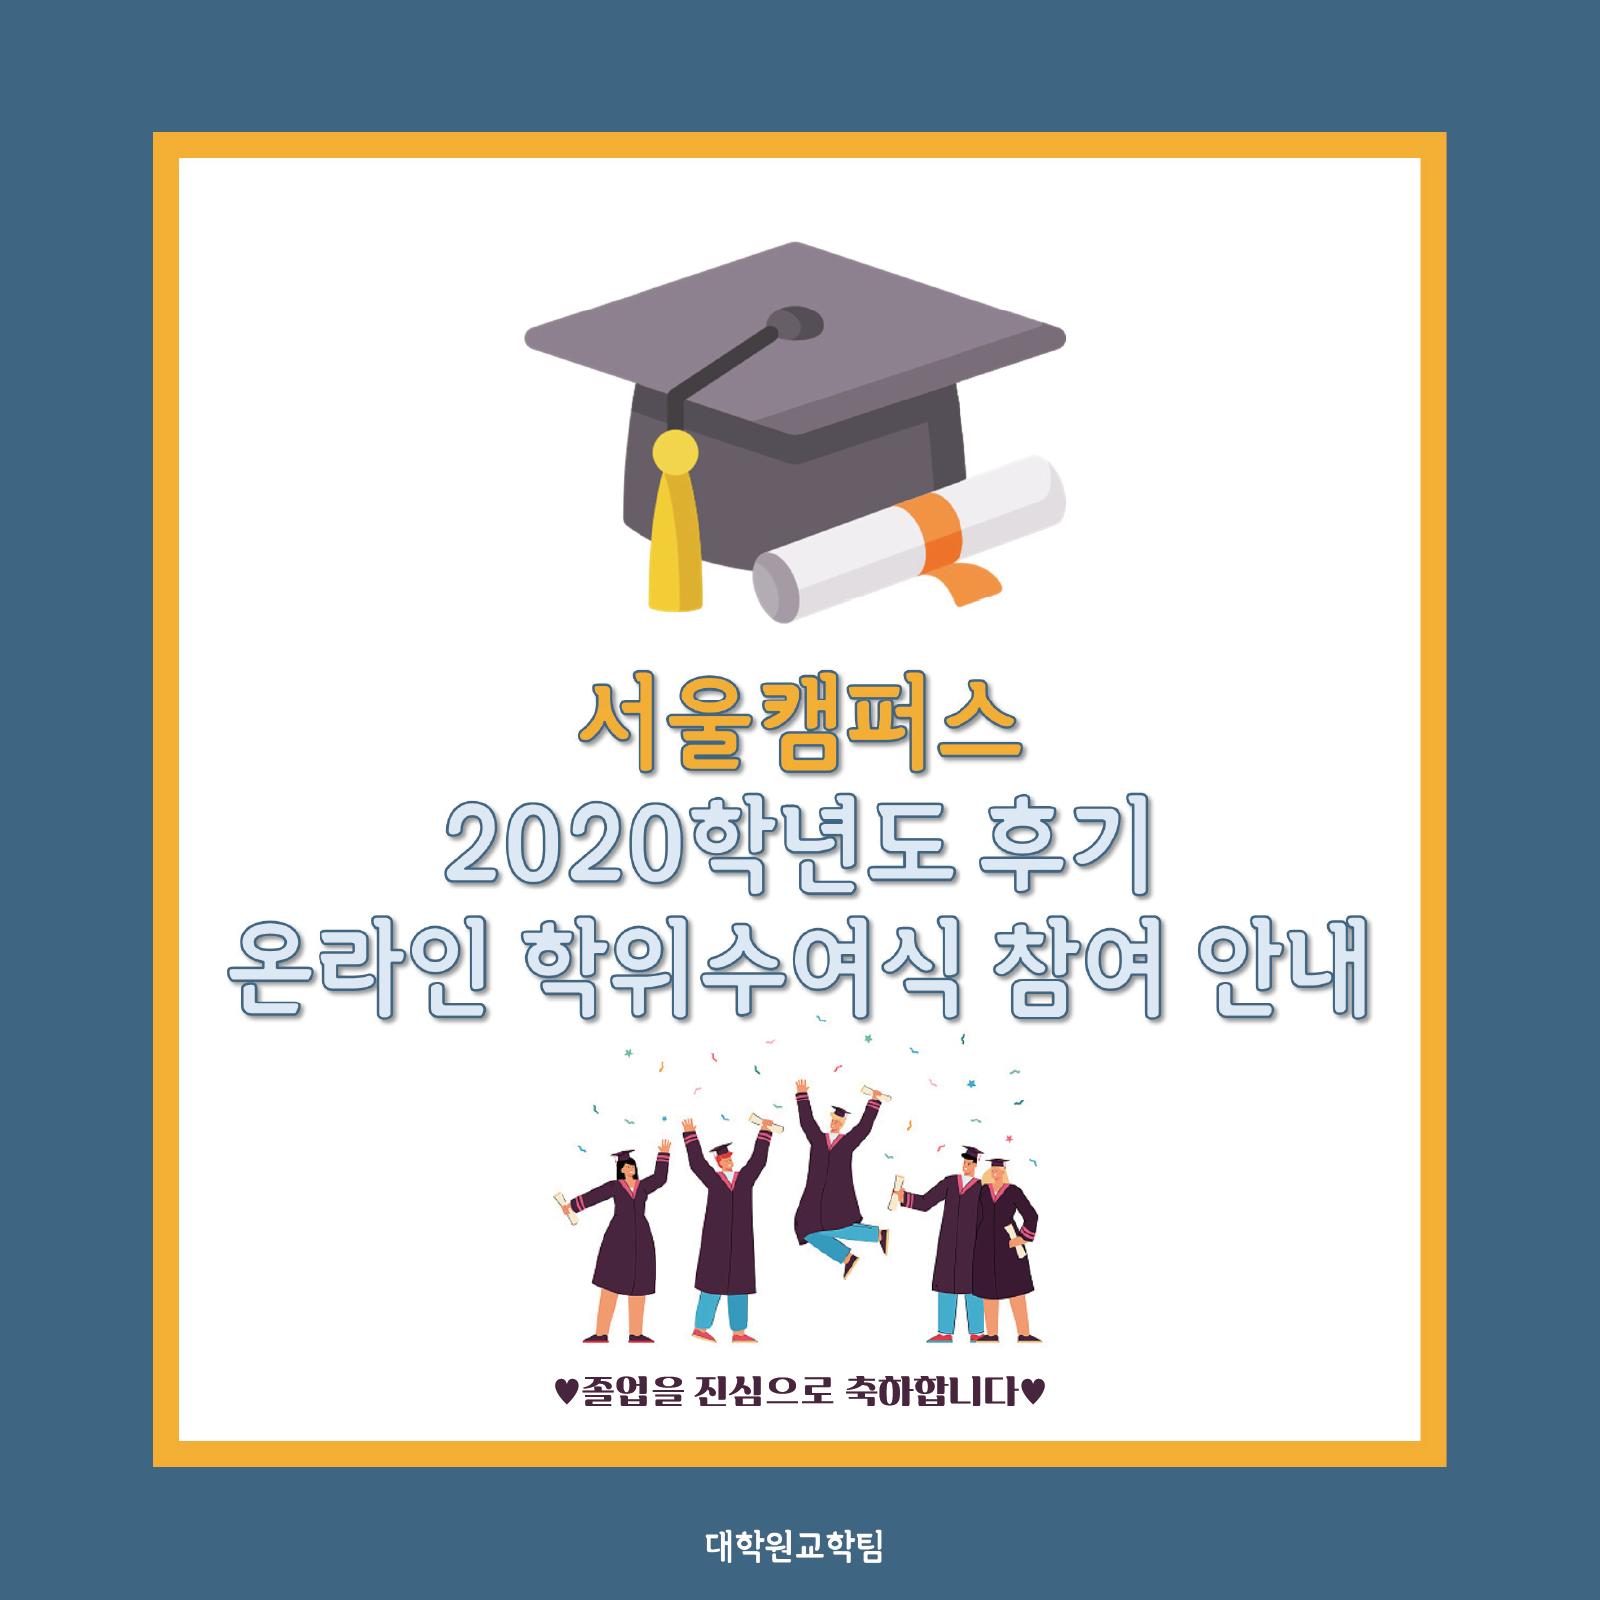 서울캠퍼스 2020학년도 후기 온라인 학위수여식 참여 안내